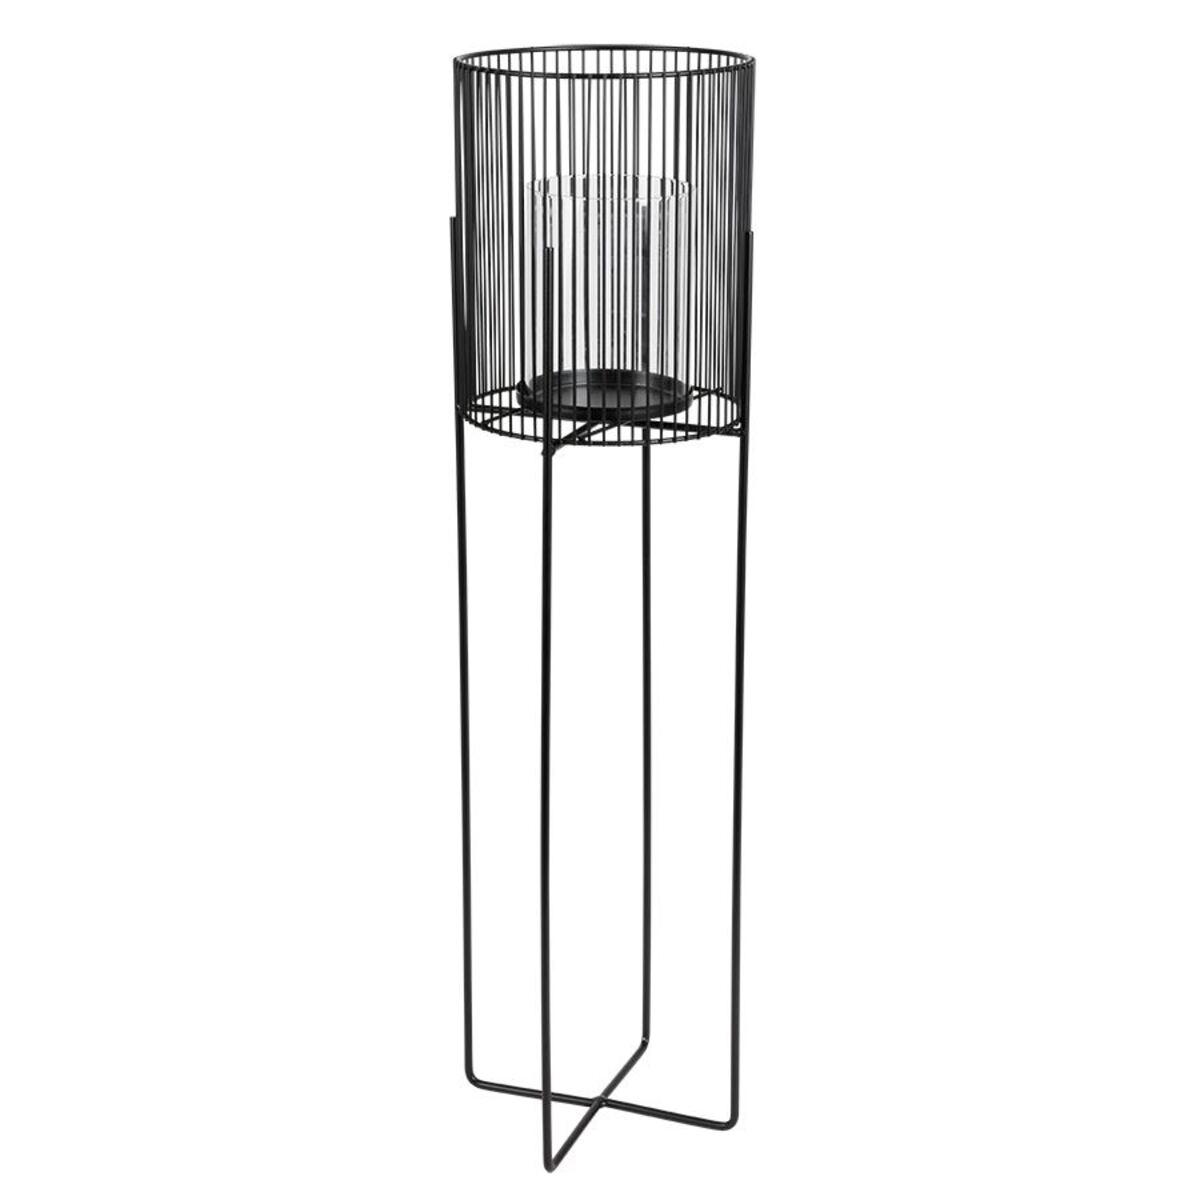 Bild 3 von Metall-Windlicht mit Glaseinsatz 73cm